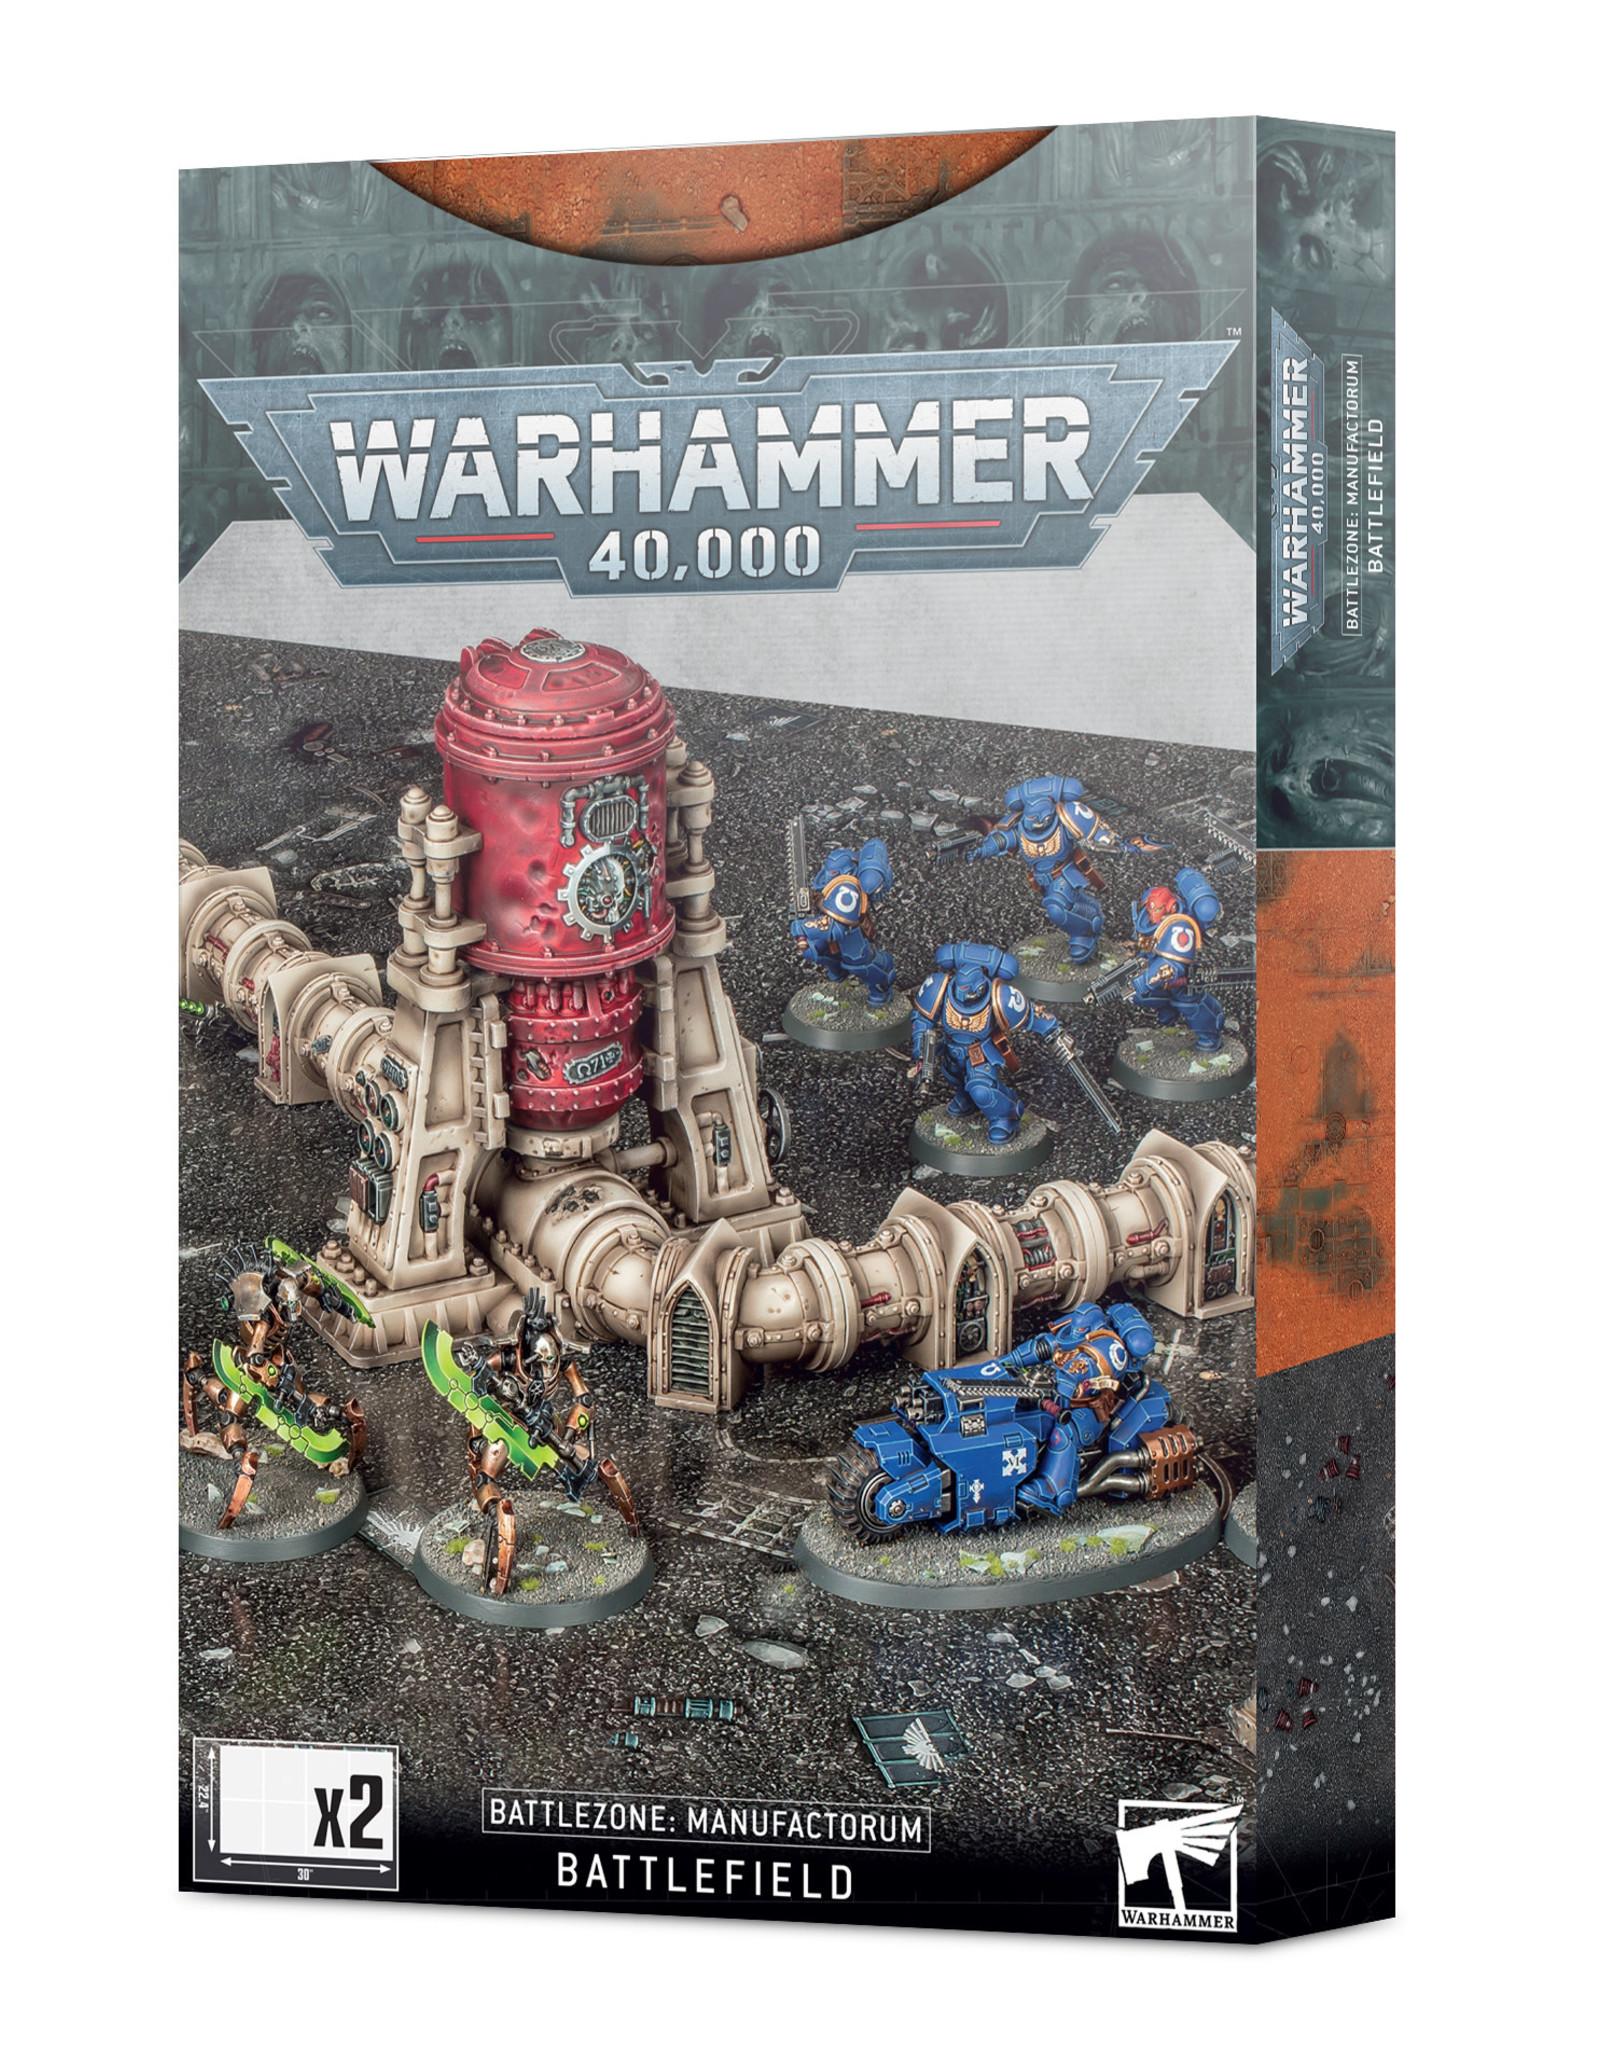 Warhammer 40K Battlezone Manufactorum Battlefield